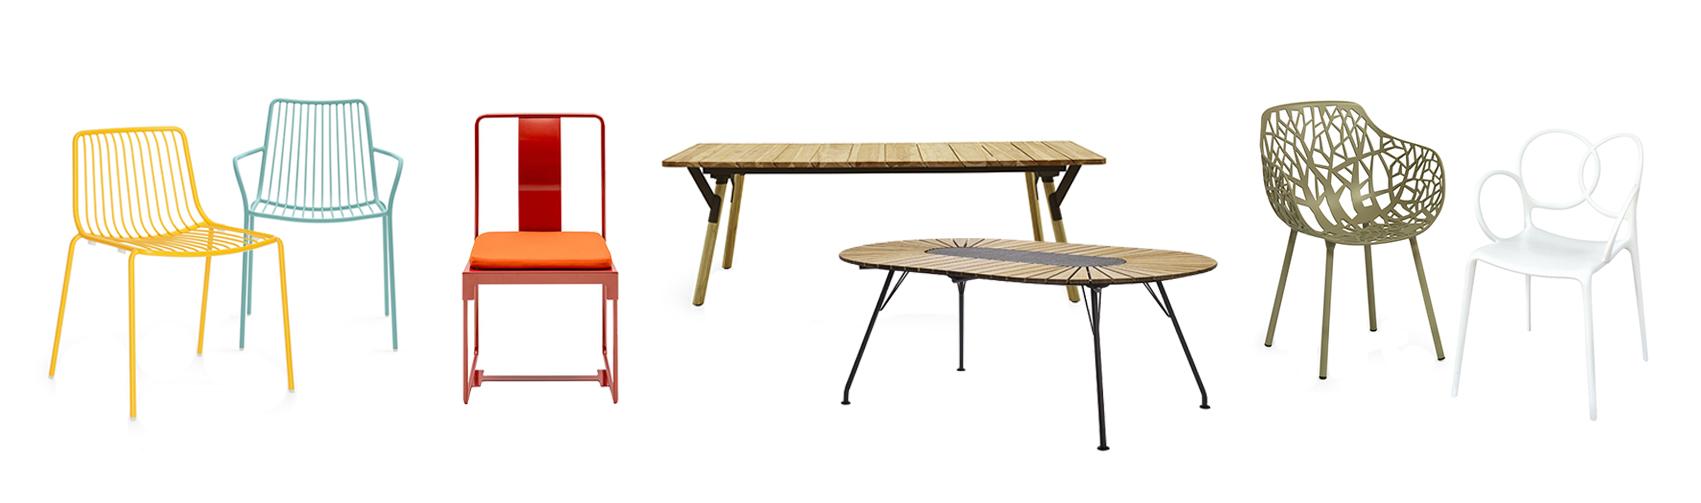 Pedrali Nolita Stuhl, Driade Mingx Stuhl, Varaschin Link Tisch, Houe Eclipse Tisch, Weishäupl Forest Outdoor Sessel und Driade Sissi Stuhl mit Armlehne